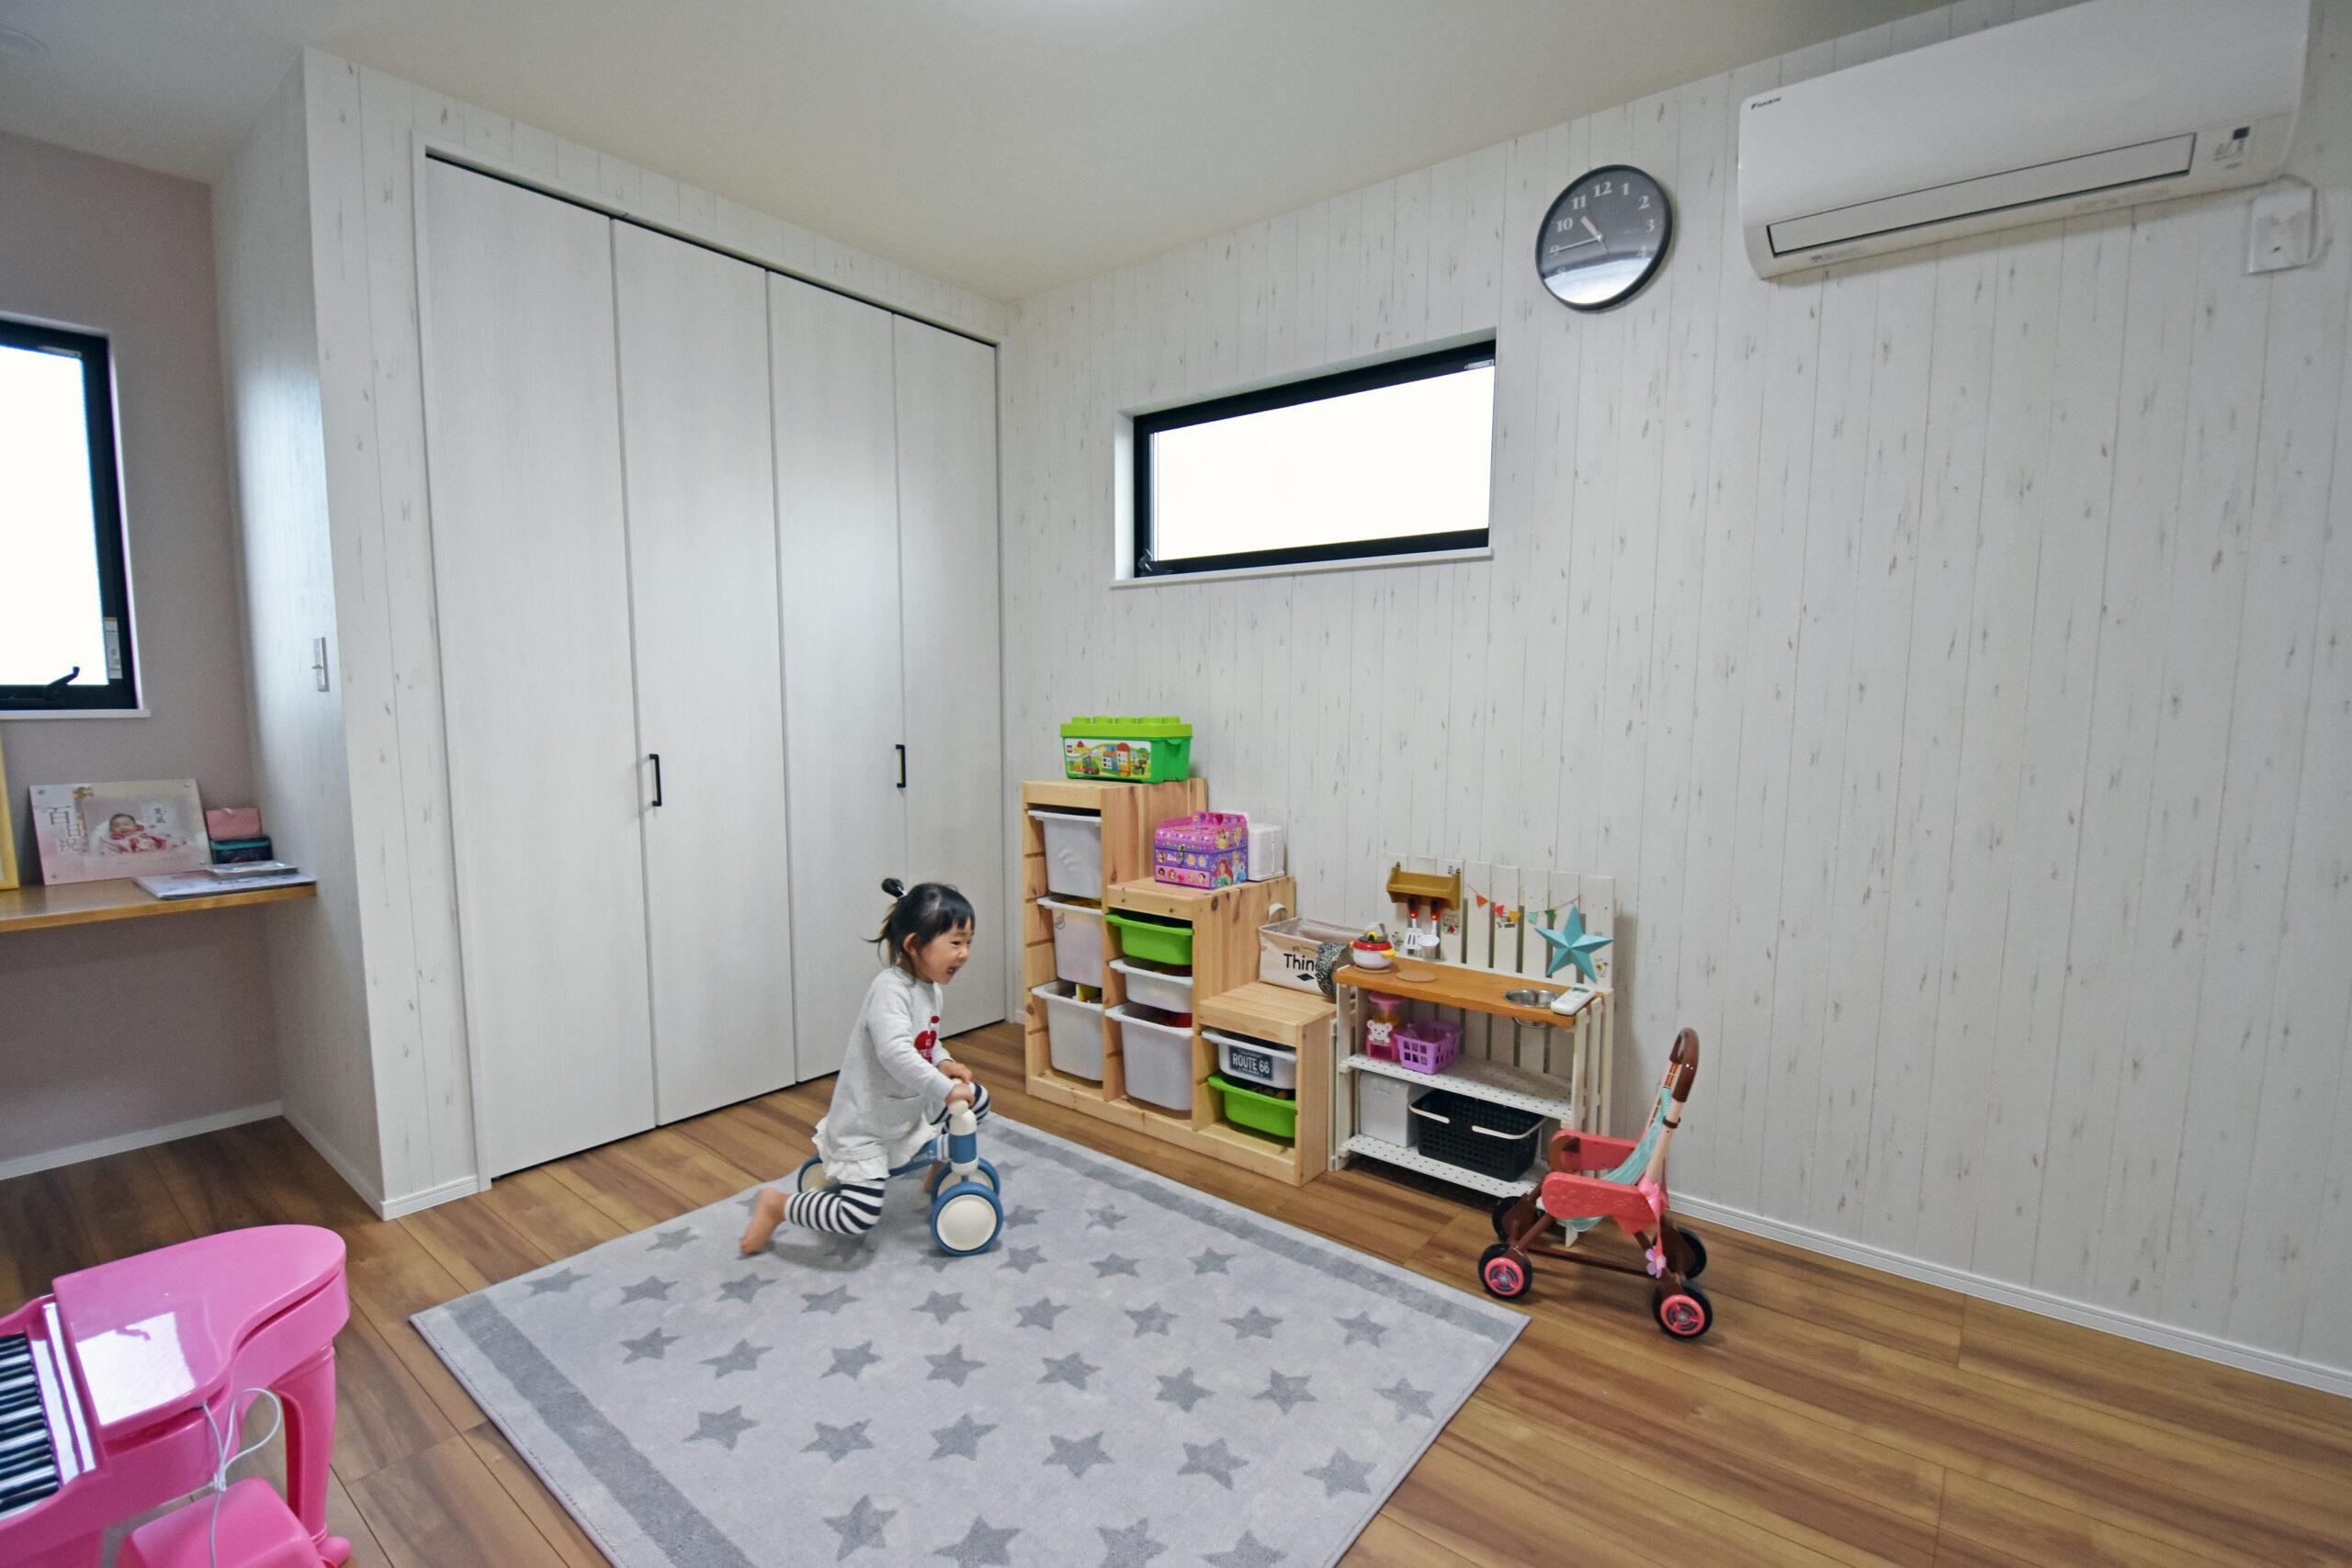 お子様室とご夫婦の居室は1階に。お子様室は将来2つに区切れるように下地が入っている